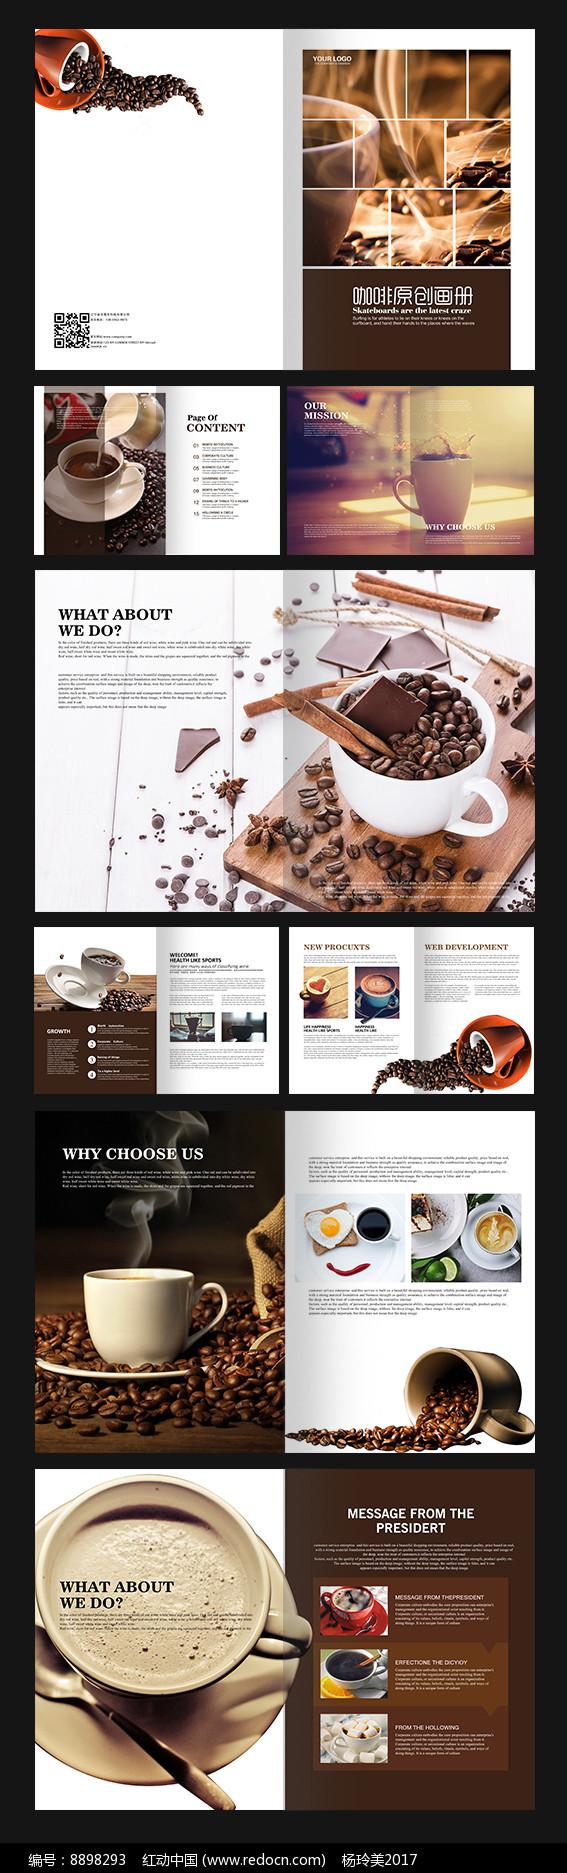 高端咖啡通用画册图片